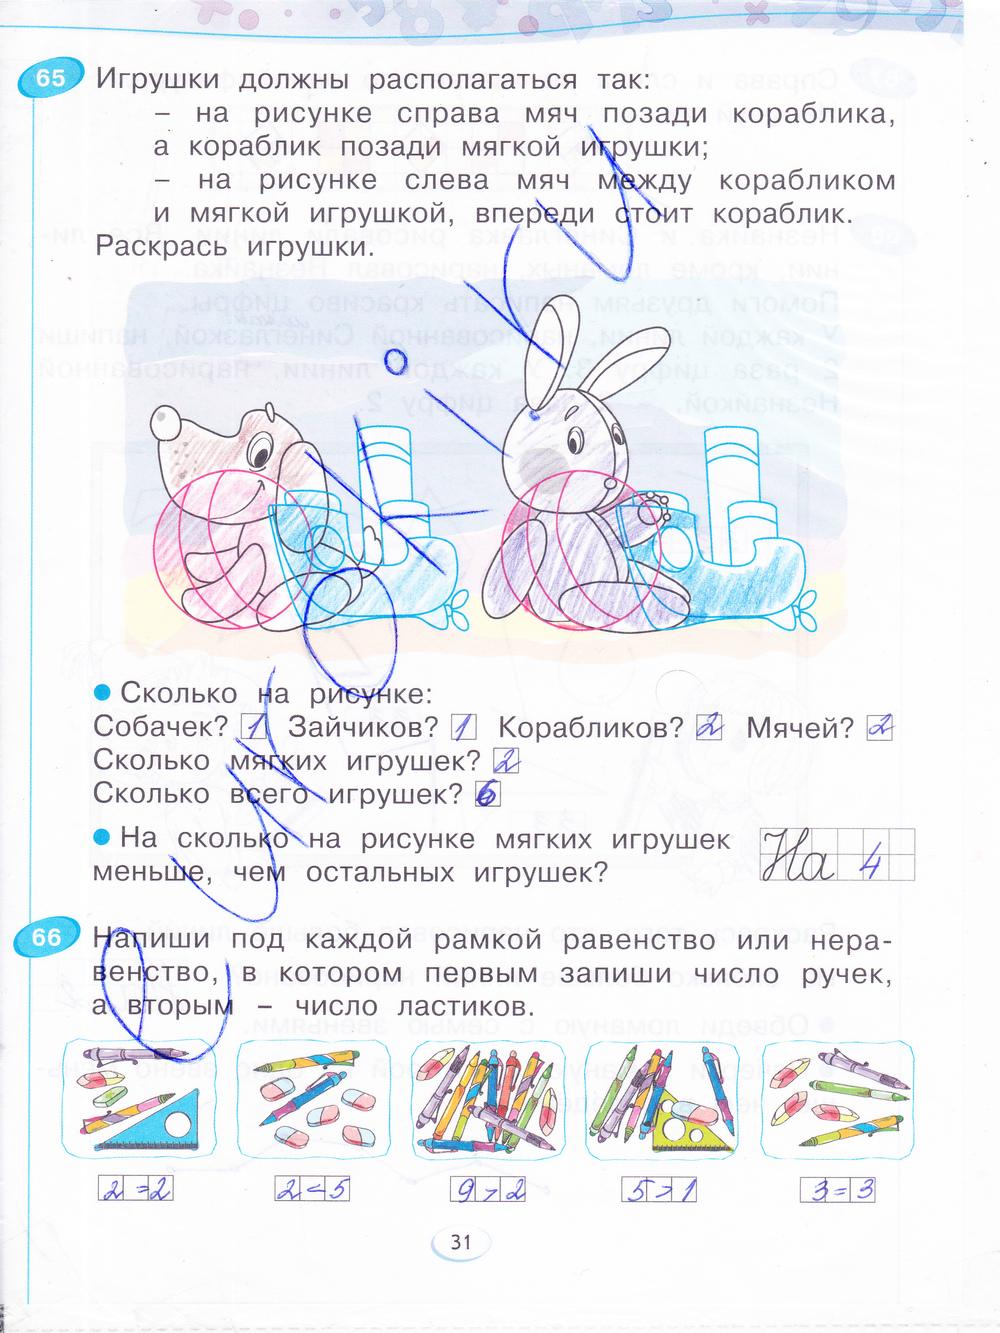 Гдз Математика 1 Класс Рабочая Тетрадь 2 Часть Ответы Бененсон Итина